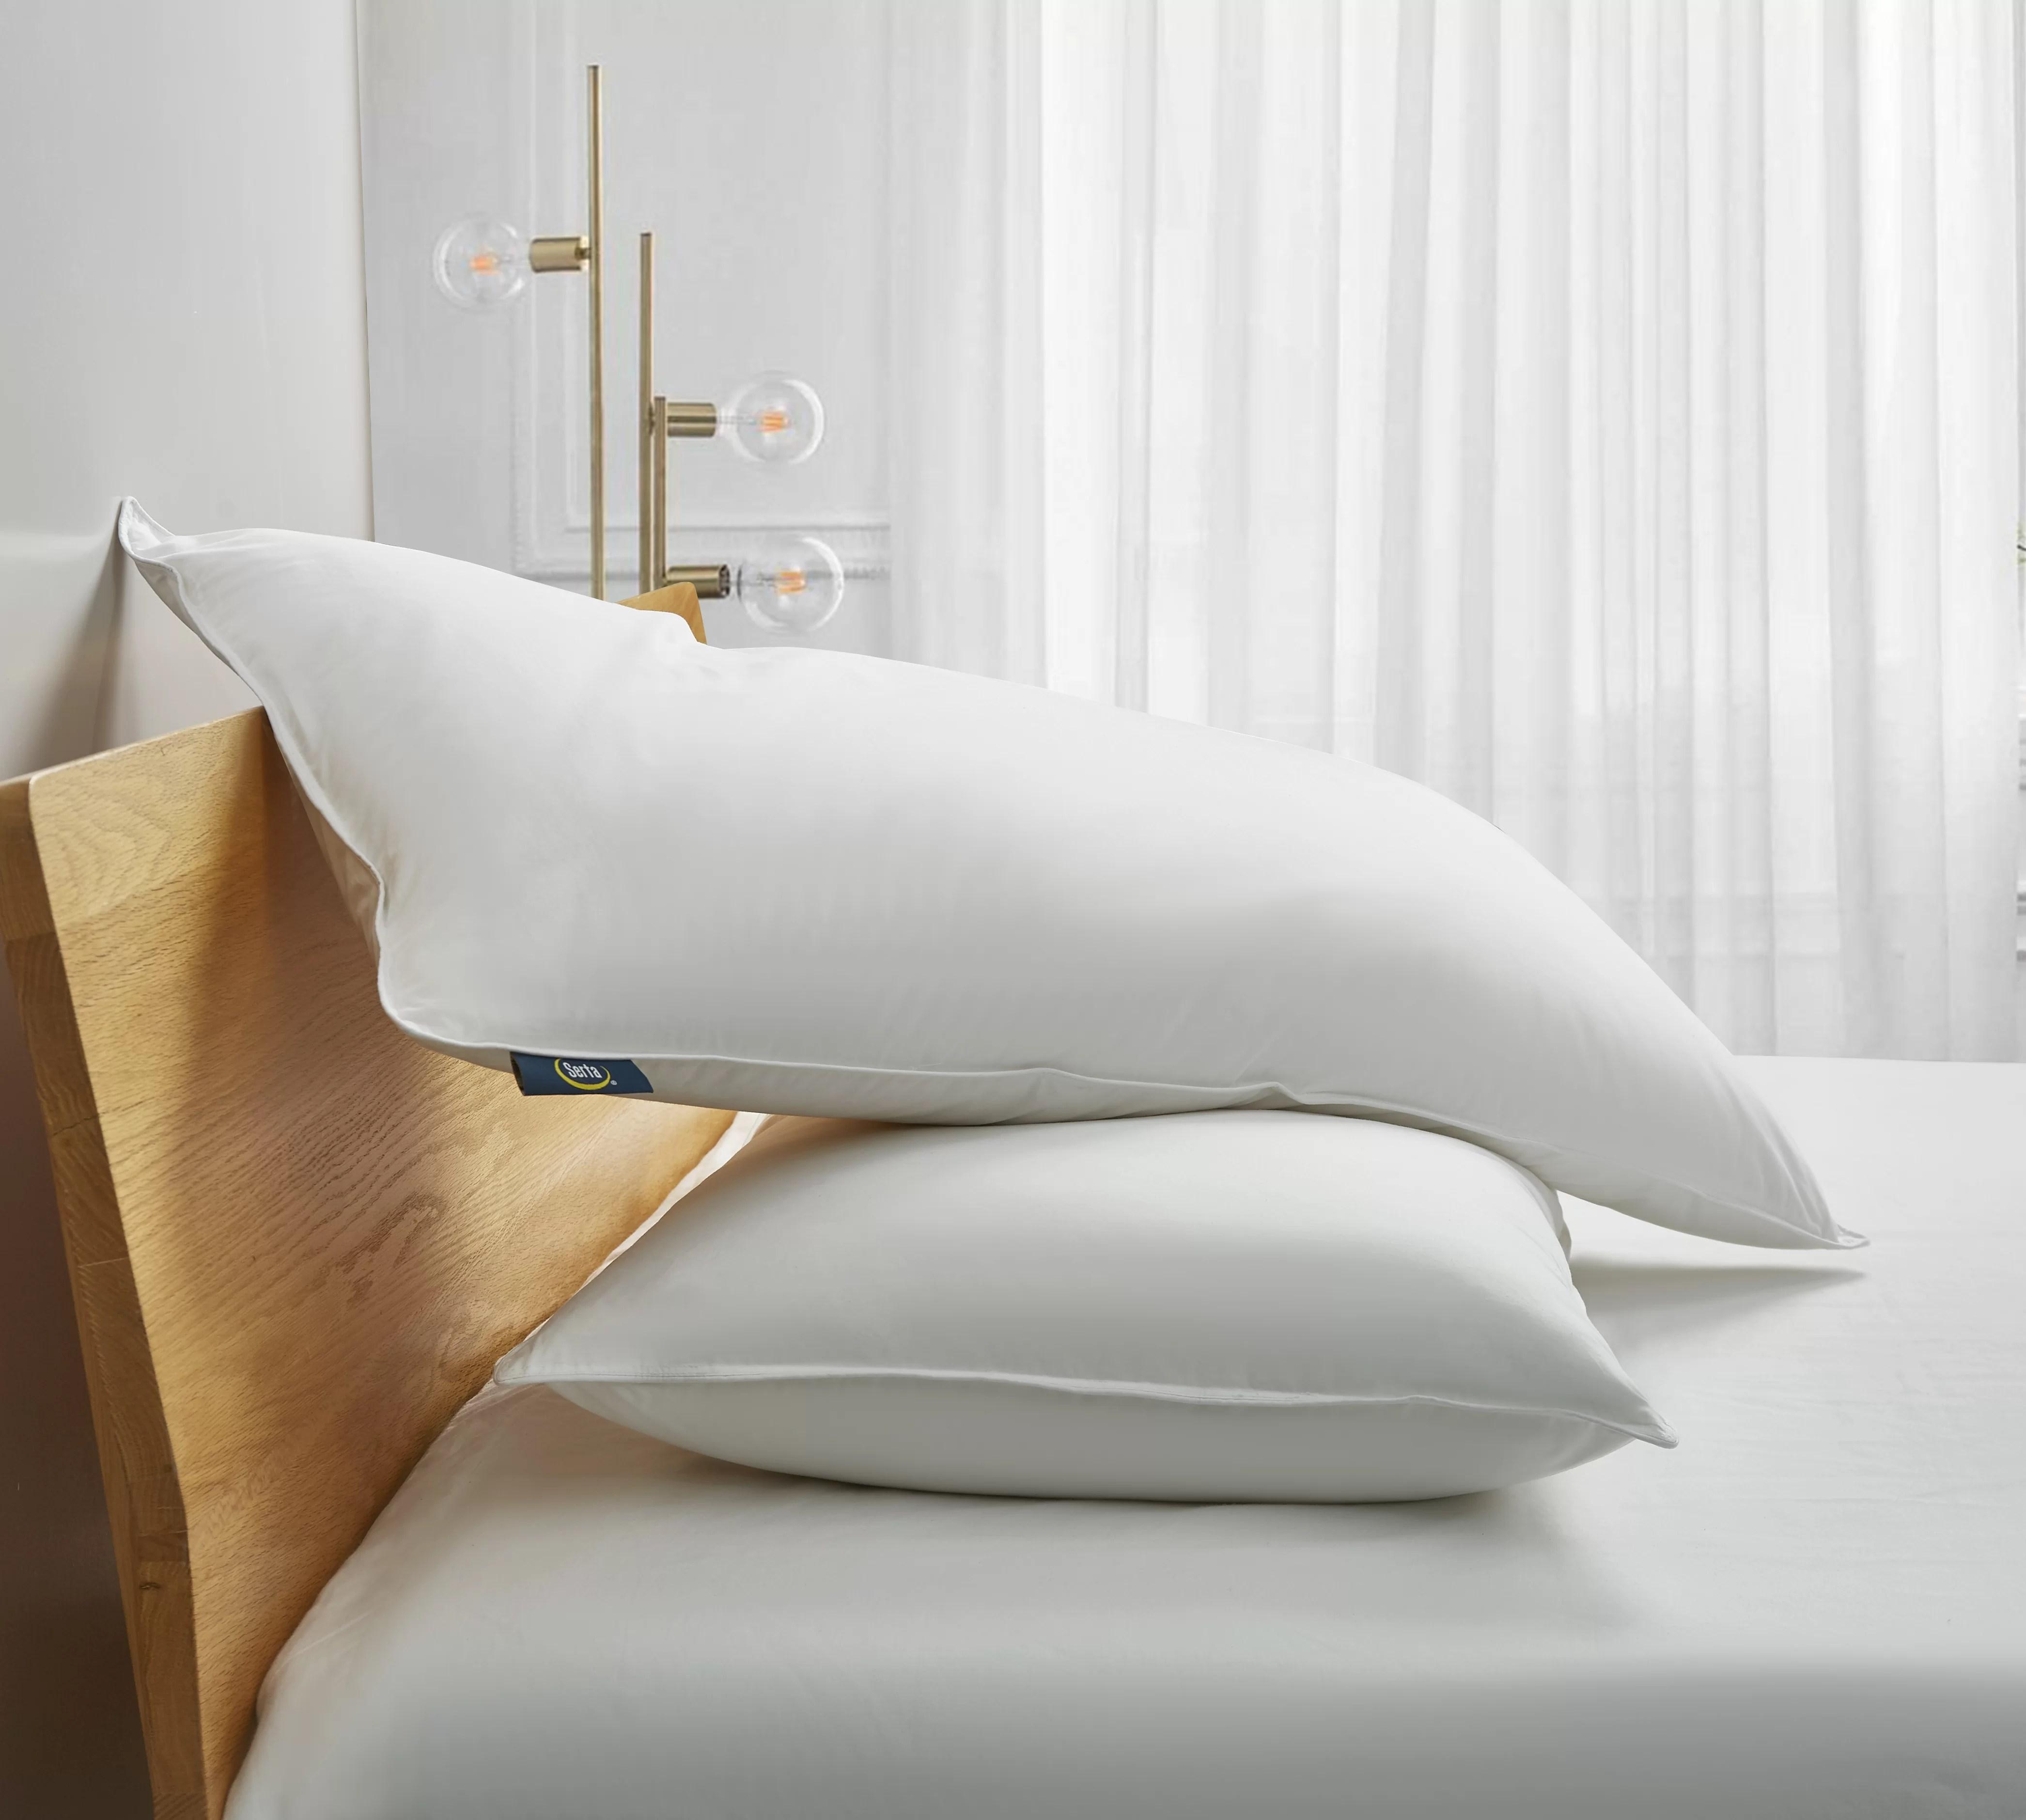 serta 233 thread medium down blend bed pillow wayfair